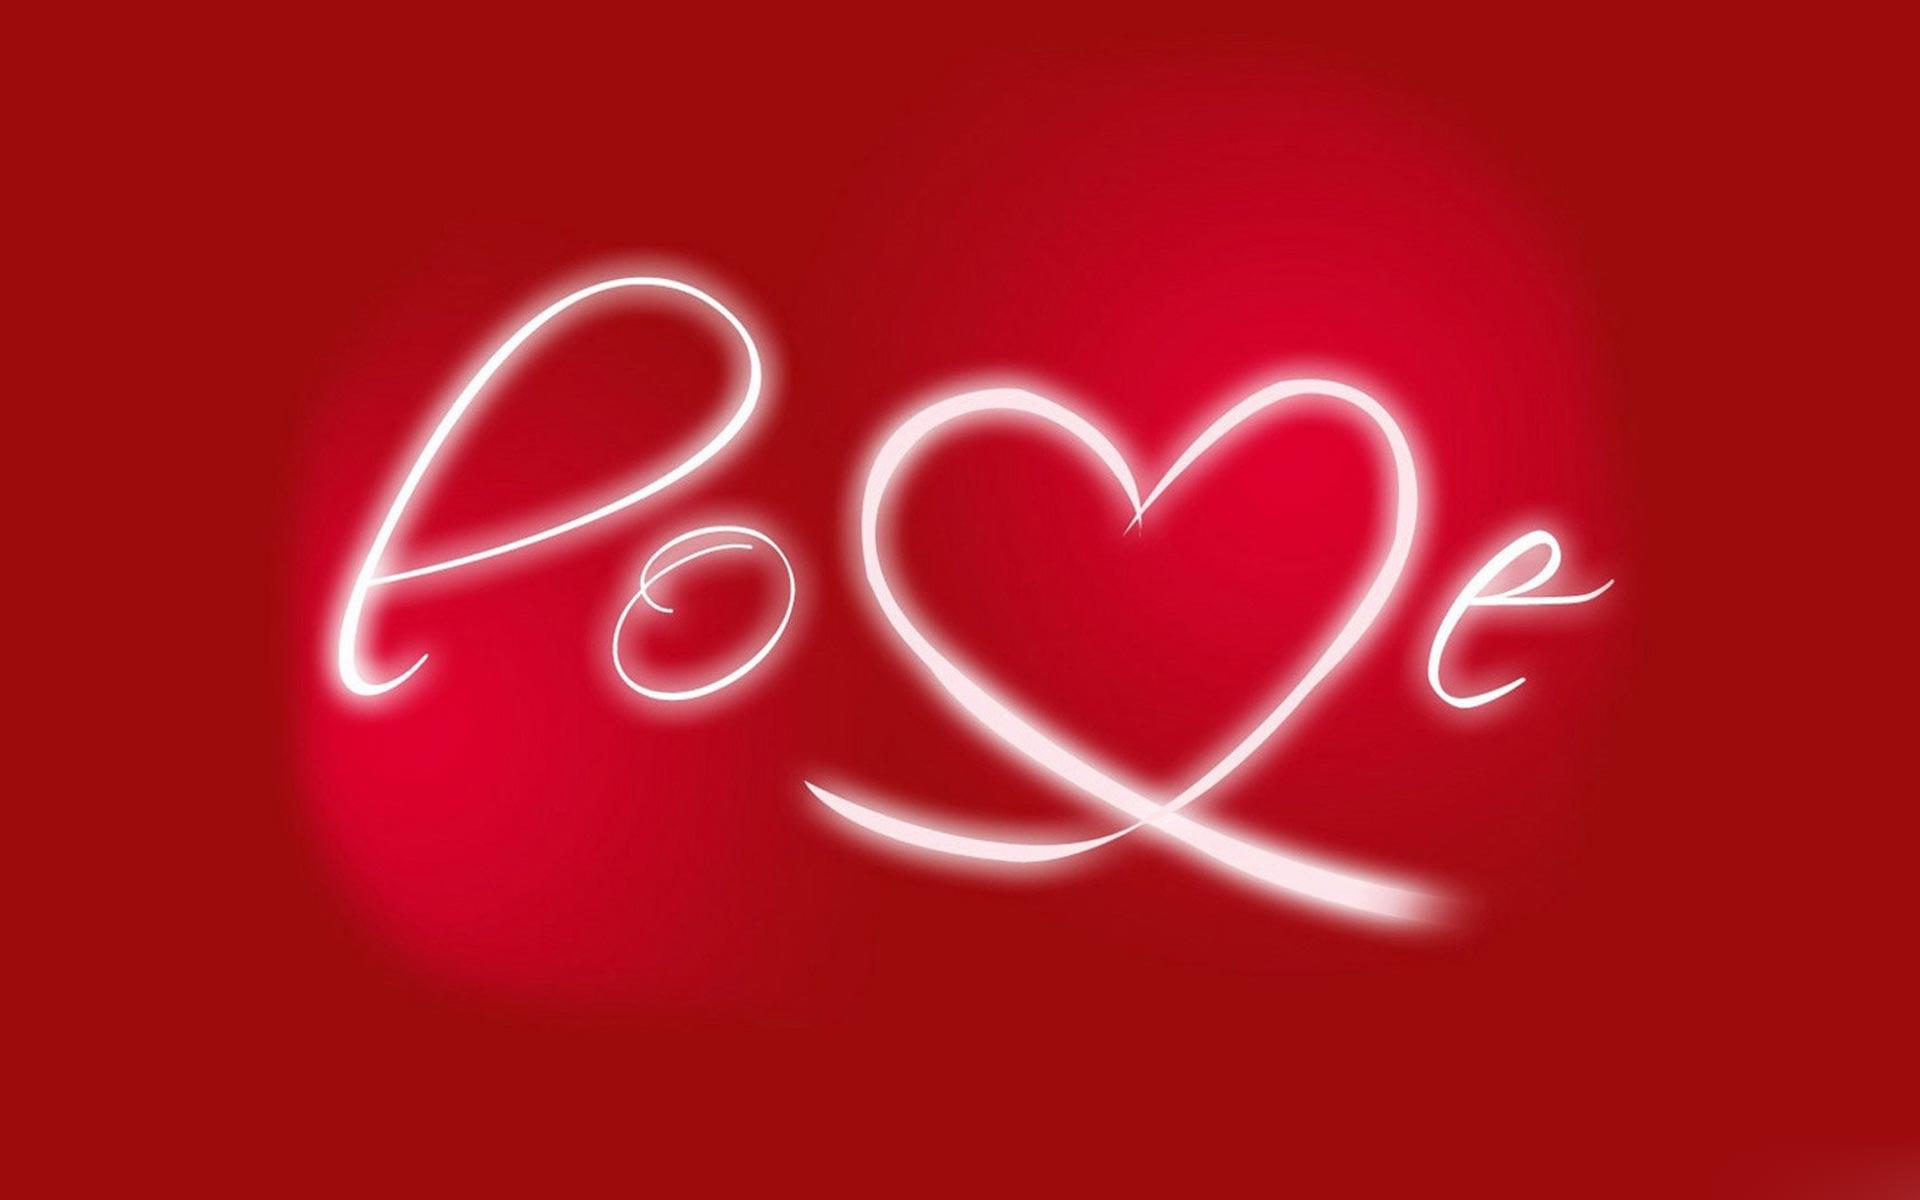 free valentine background 18989